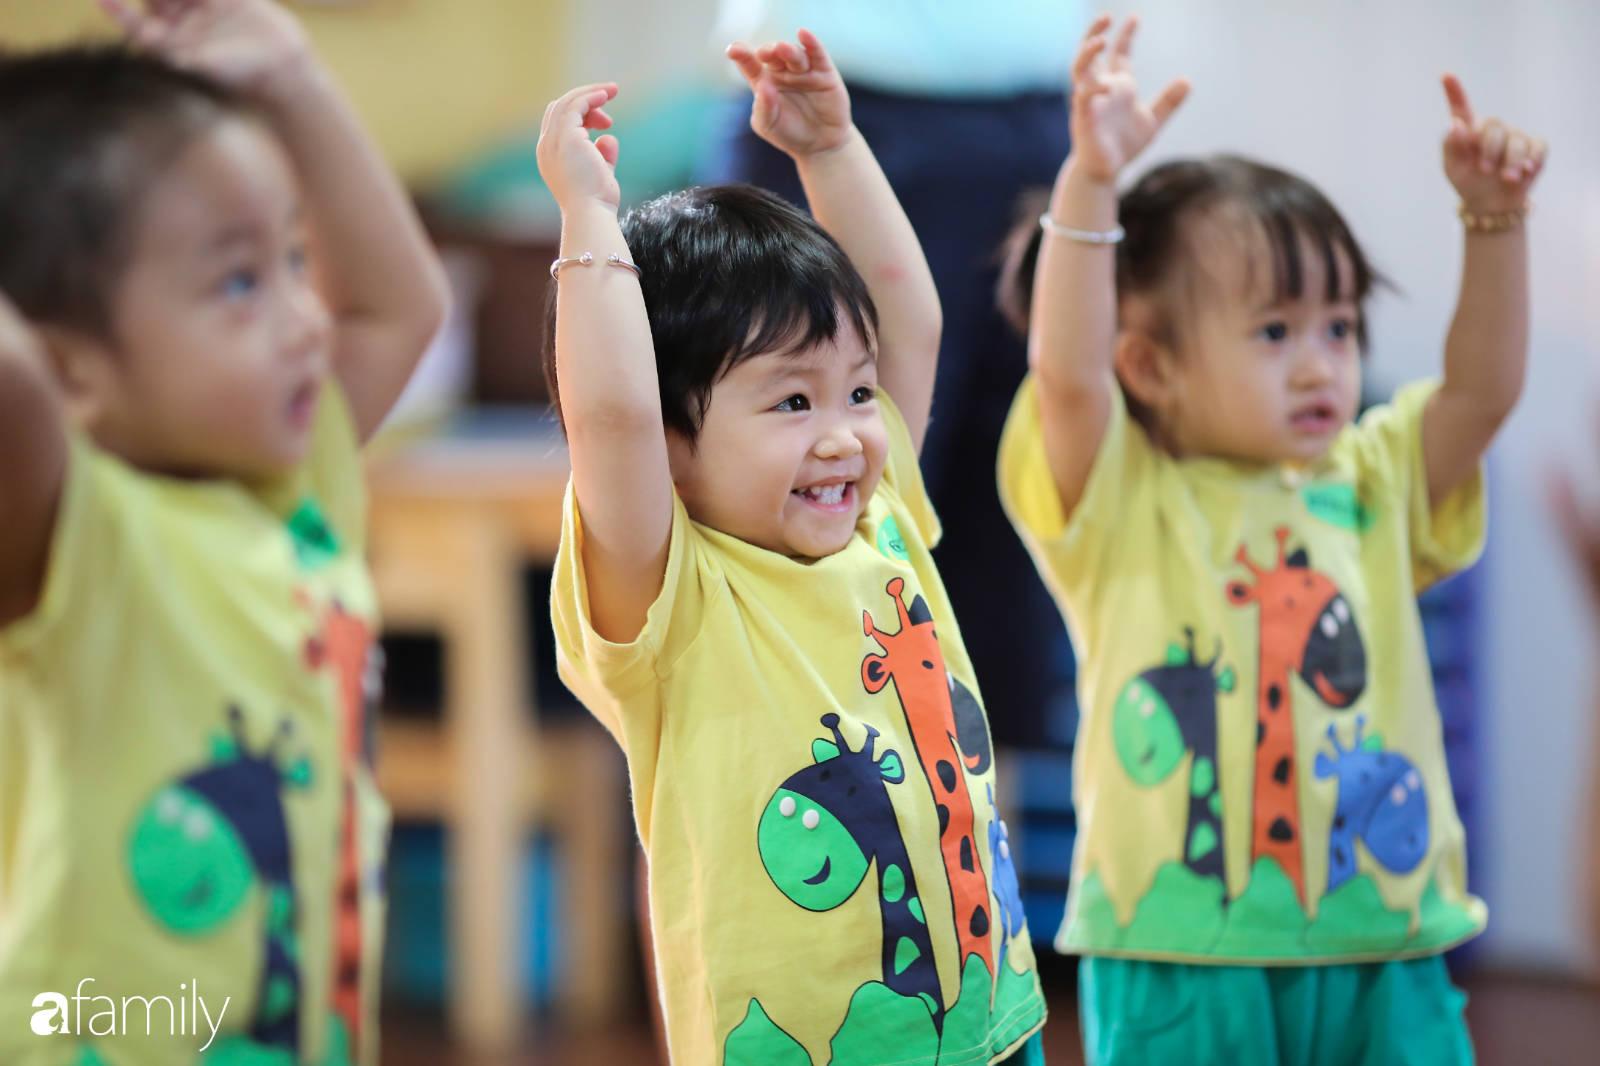 Ghé thăm trường mầm non sinh thái đầu tiên tại Hà Nội, nơi các con tự khám phá cuộc sống bằng tất cả giác quan - Ảnh 4.